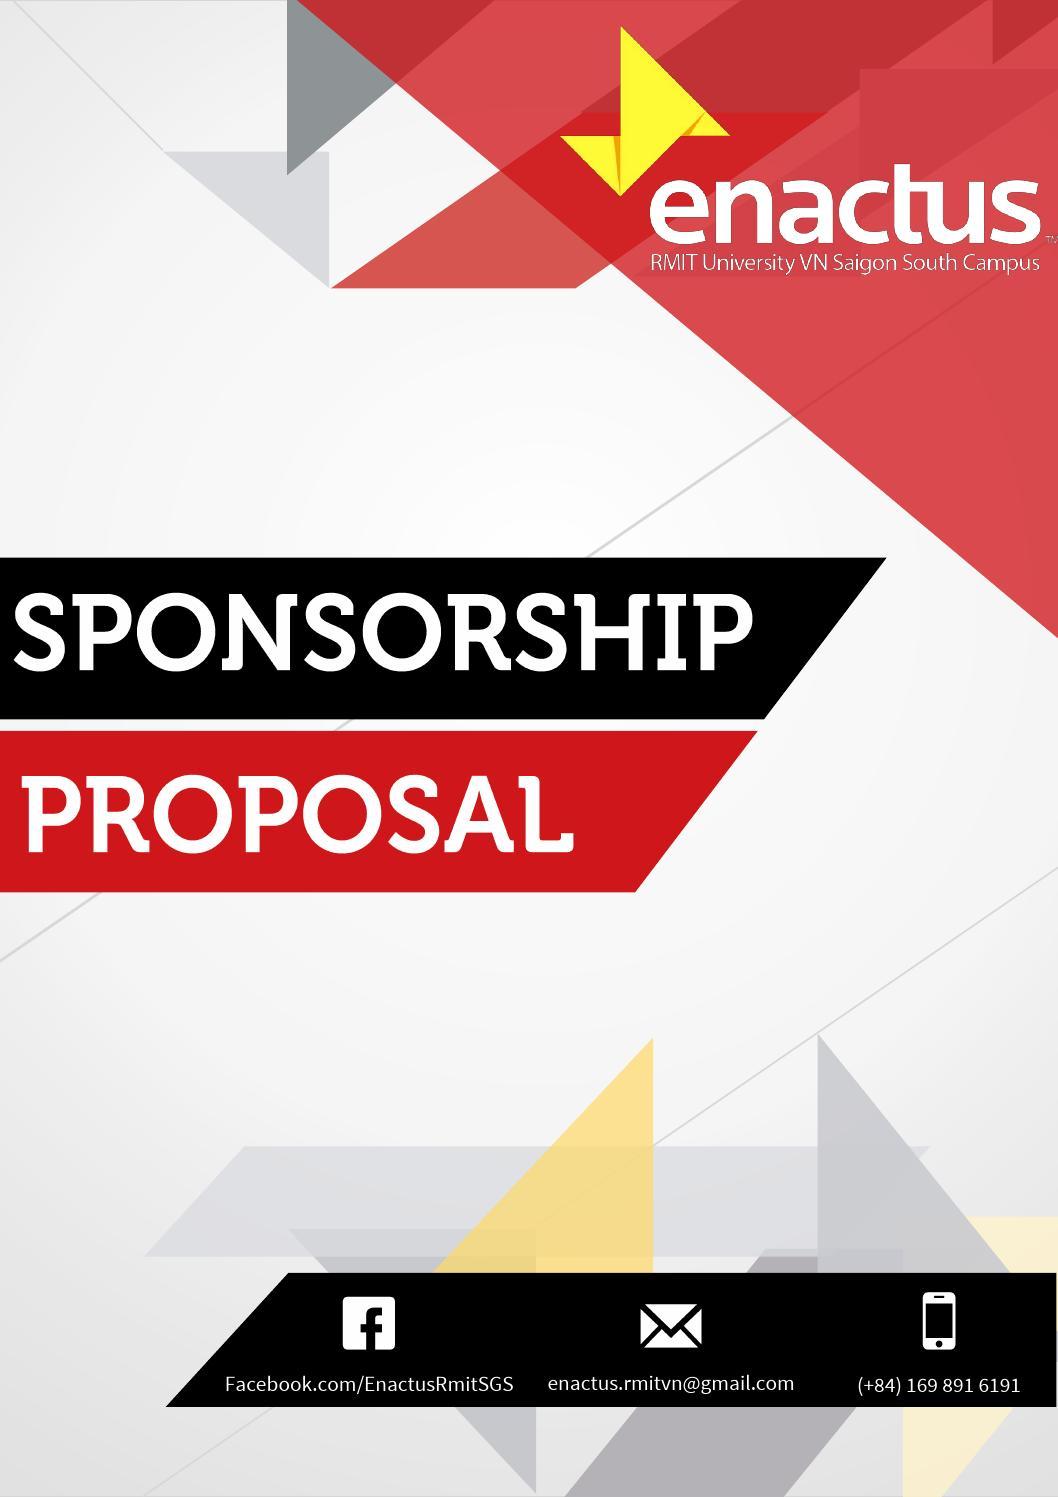 Sponsorship Proposal Enactus RMIT Vietnam SGS 2013 By